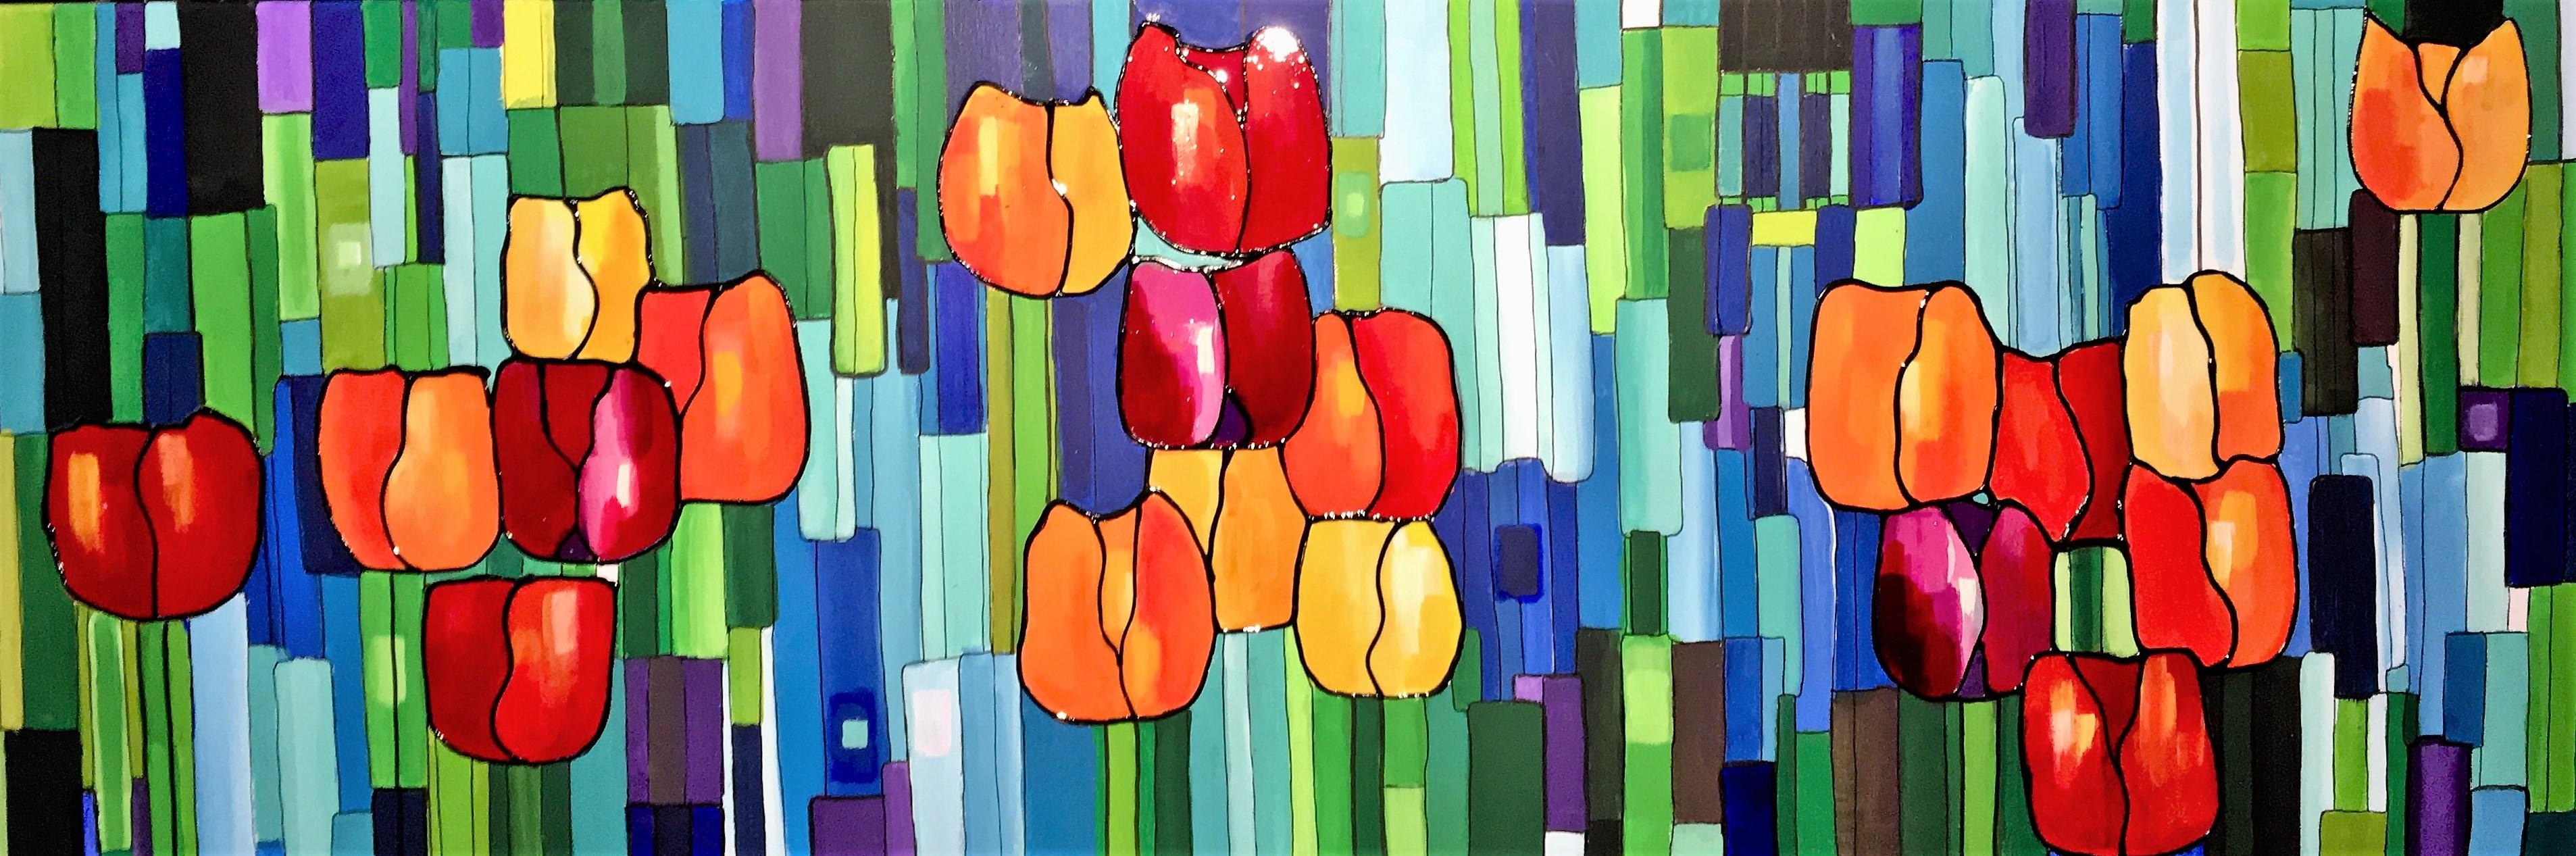 schilderij met 20 tulpen, dec. 2018.jpg